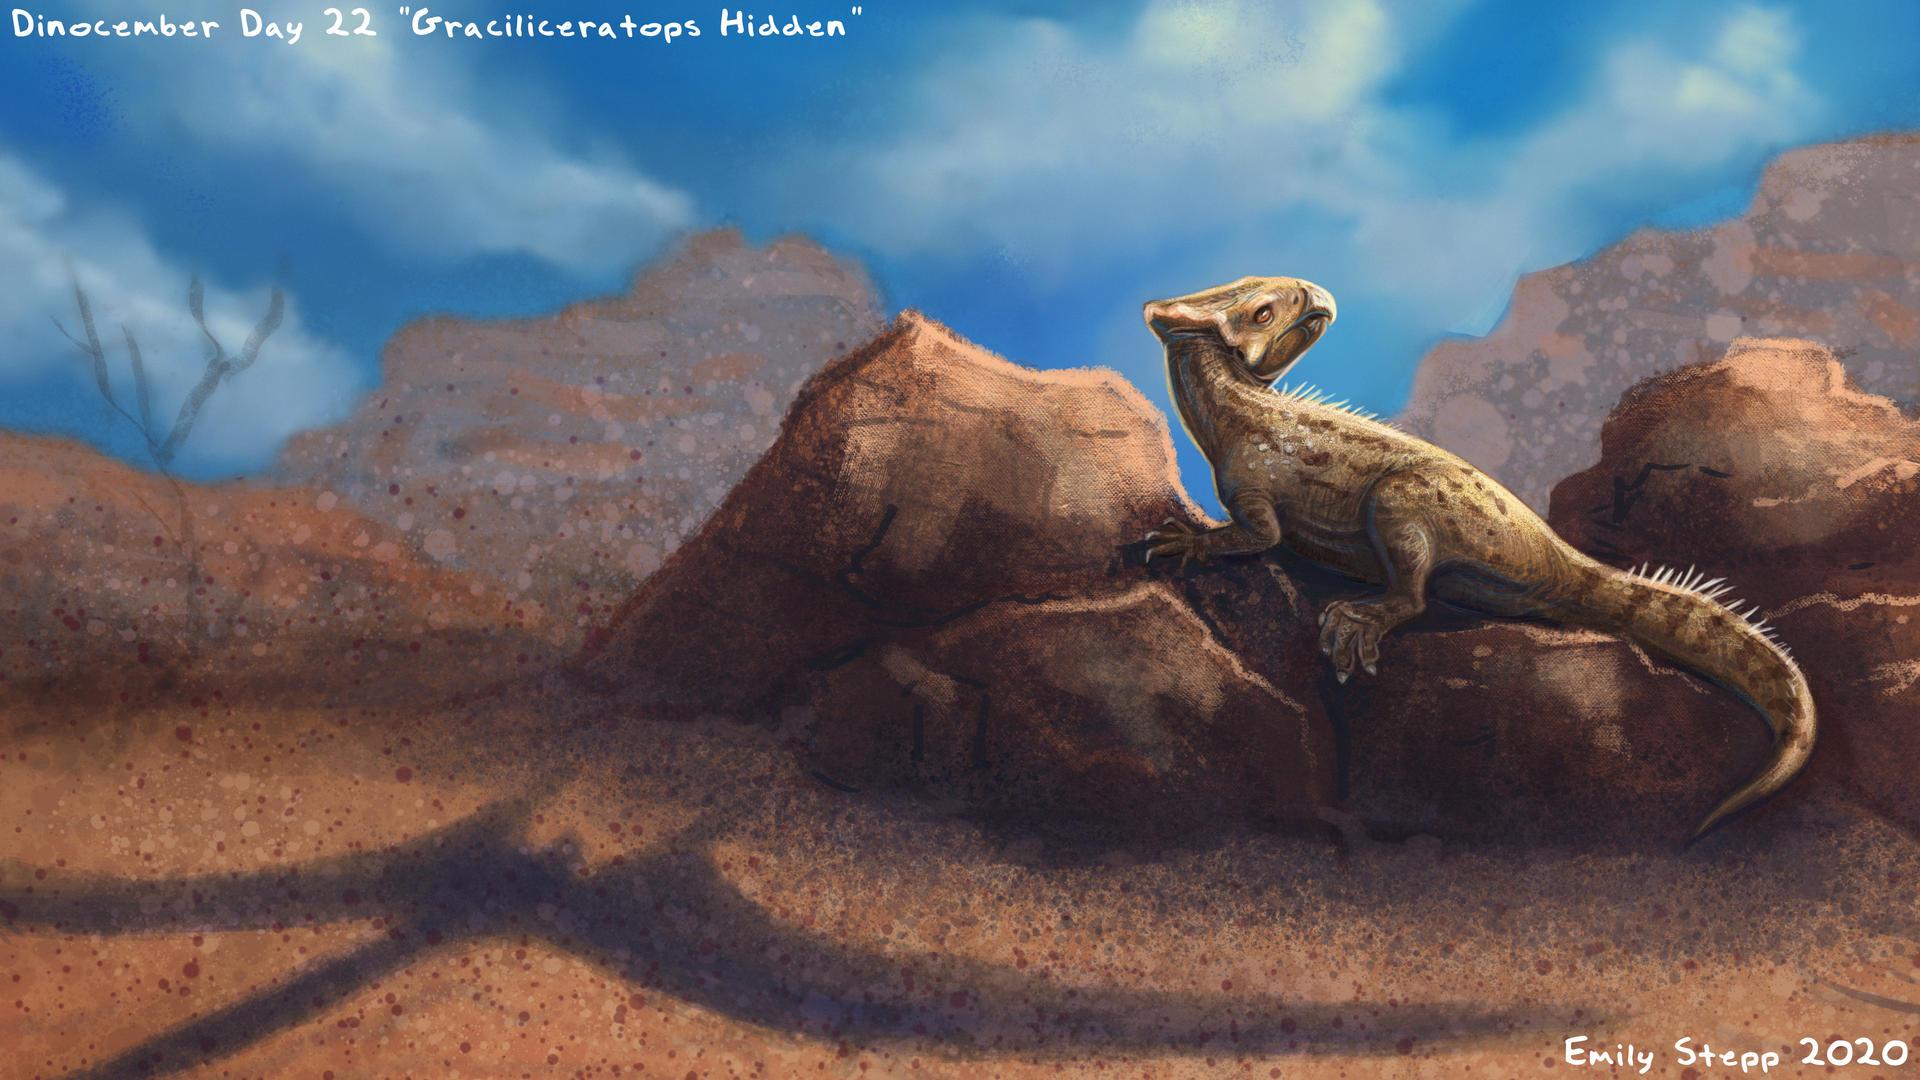 Graciliceratops Hidden - Dinocember Day 22